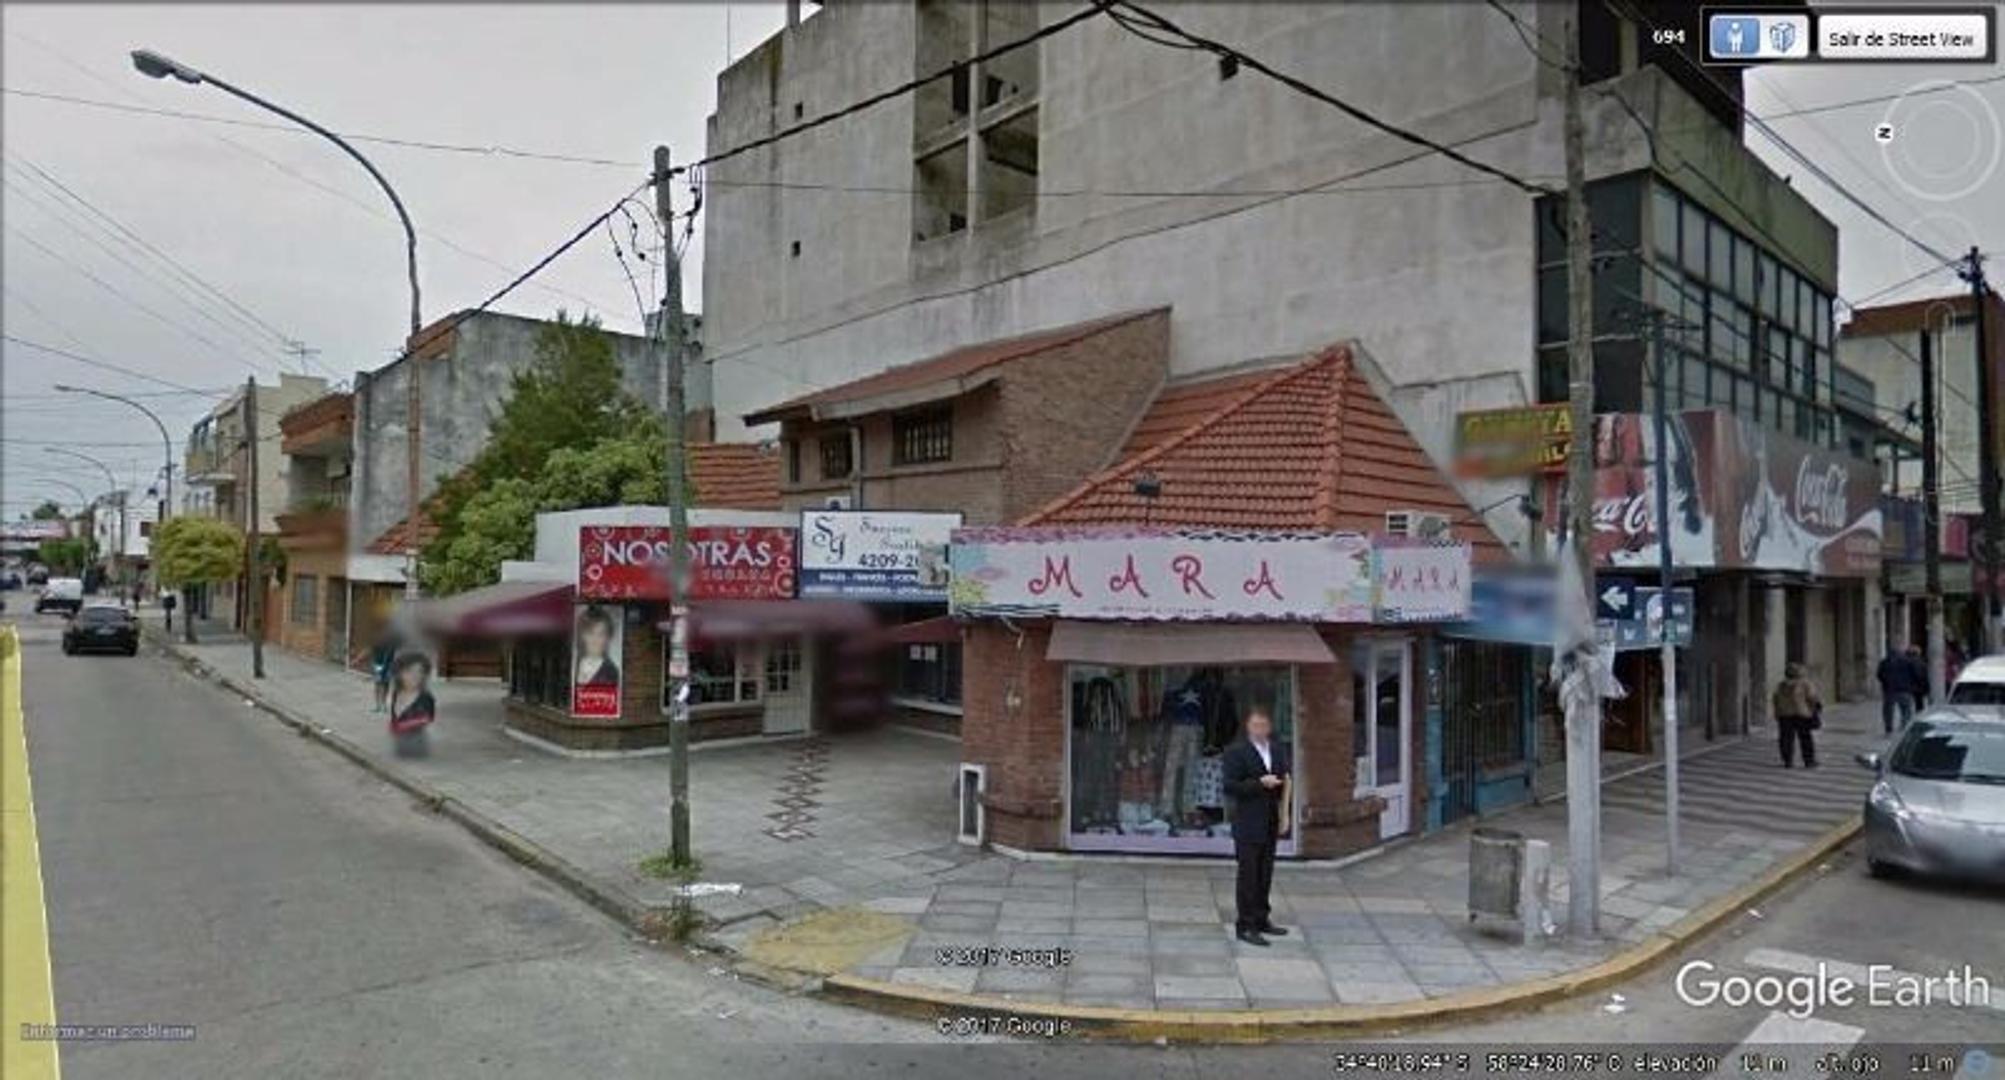 SON 2 LOCALES UNIDOS EN PASEO DE COMPRAS.